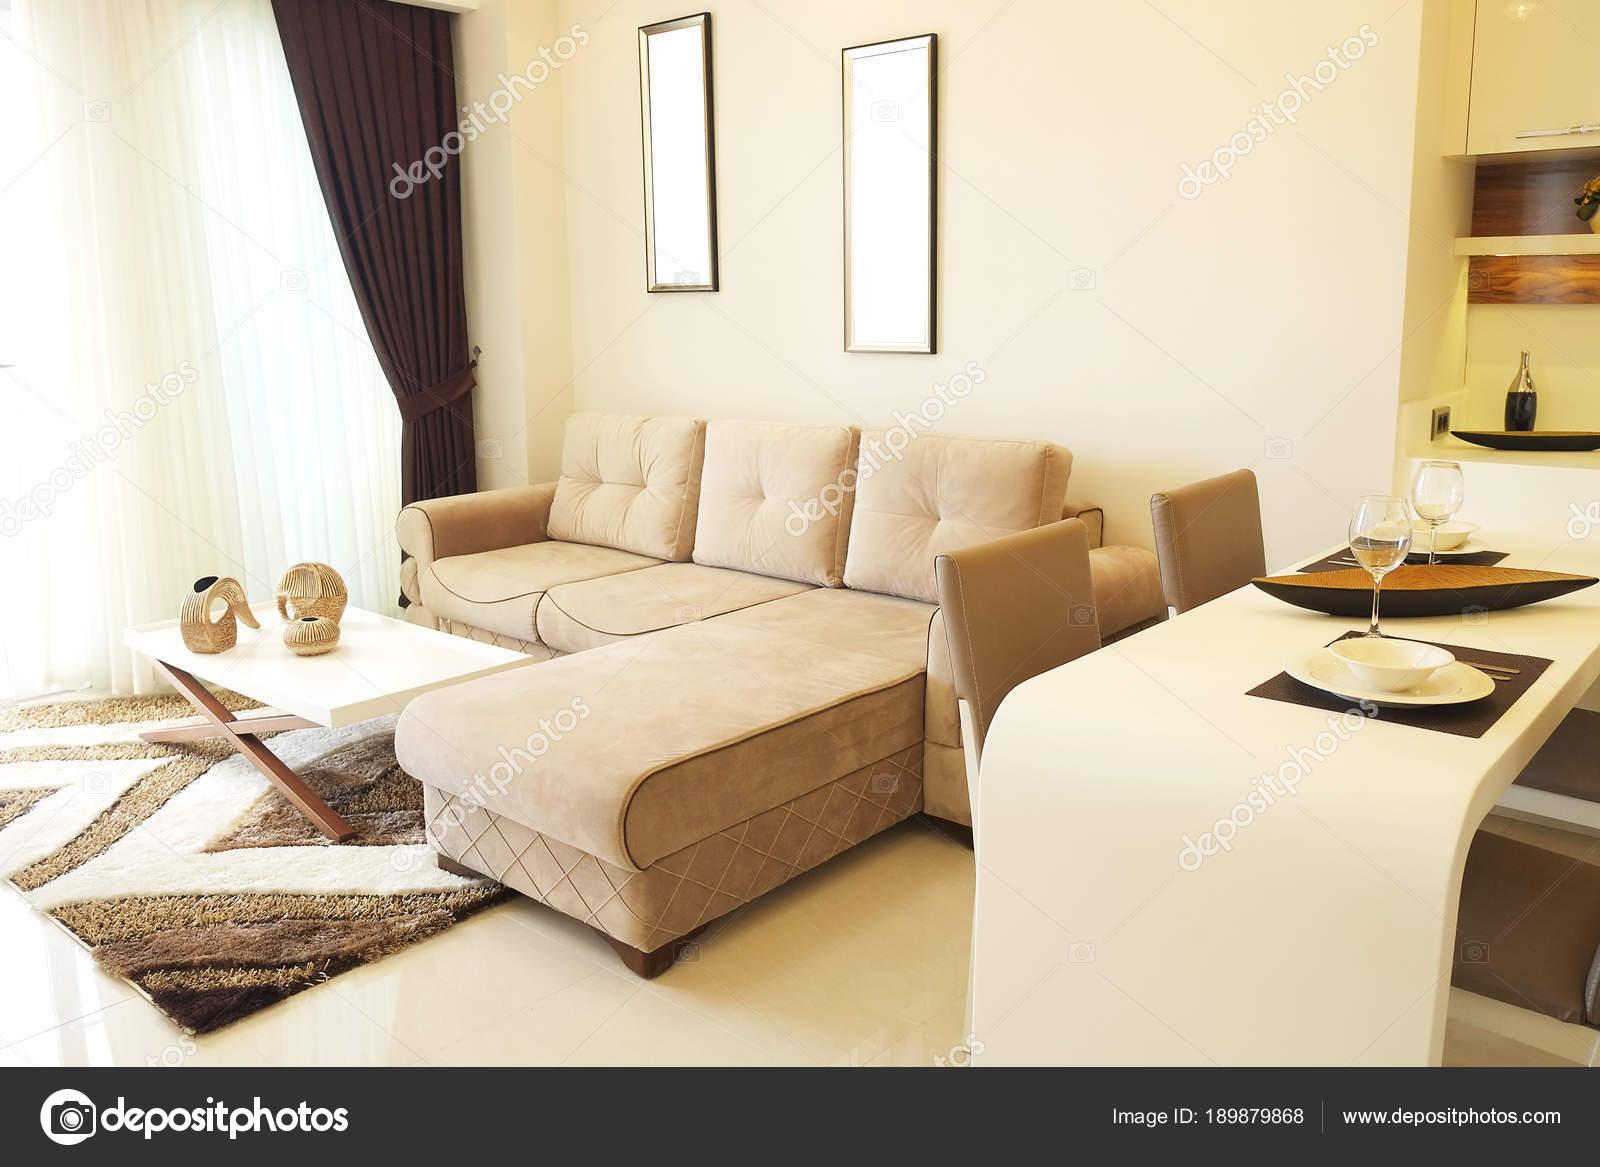 Mooie zon zijde appartement met eenvoudige minimalistisch modern